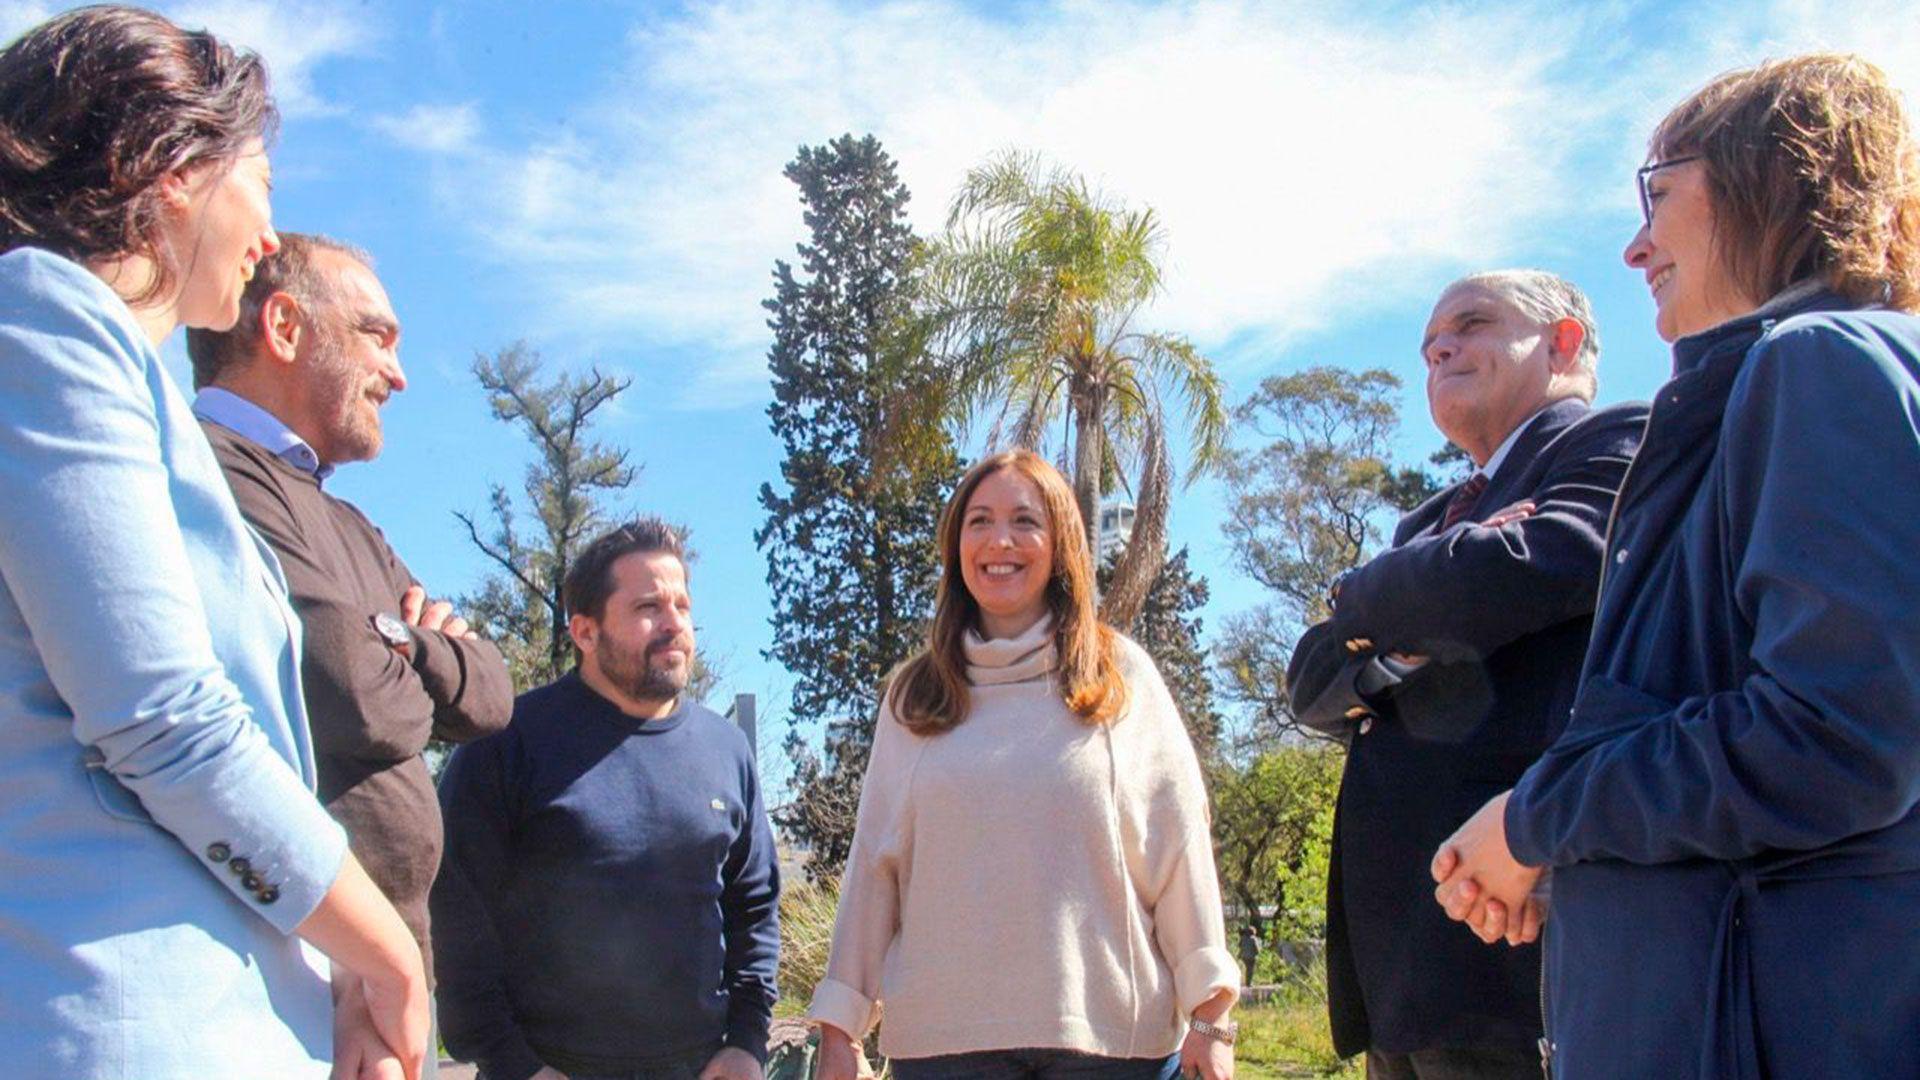 Maria-Eugenia-Vidal-se-reunio-con-Ricardo-Lopez-Murphy-y-otros-candidatos-de-su-lista